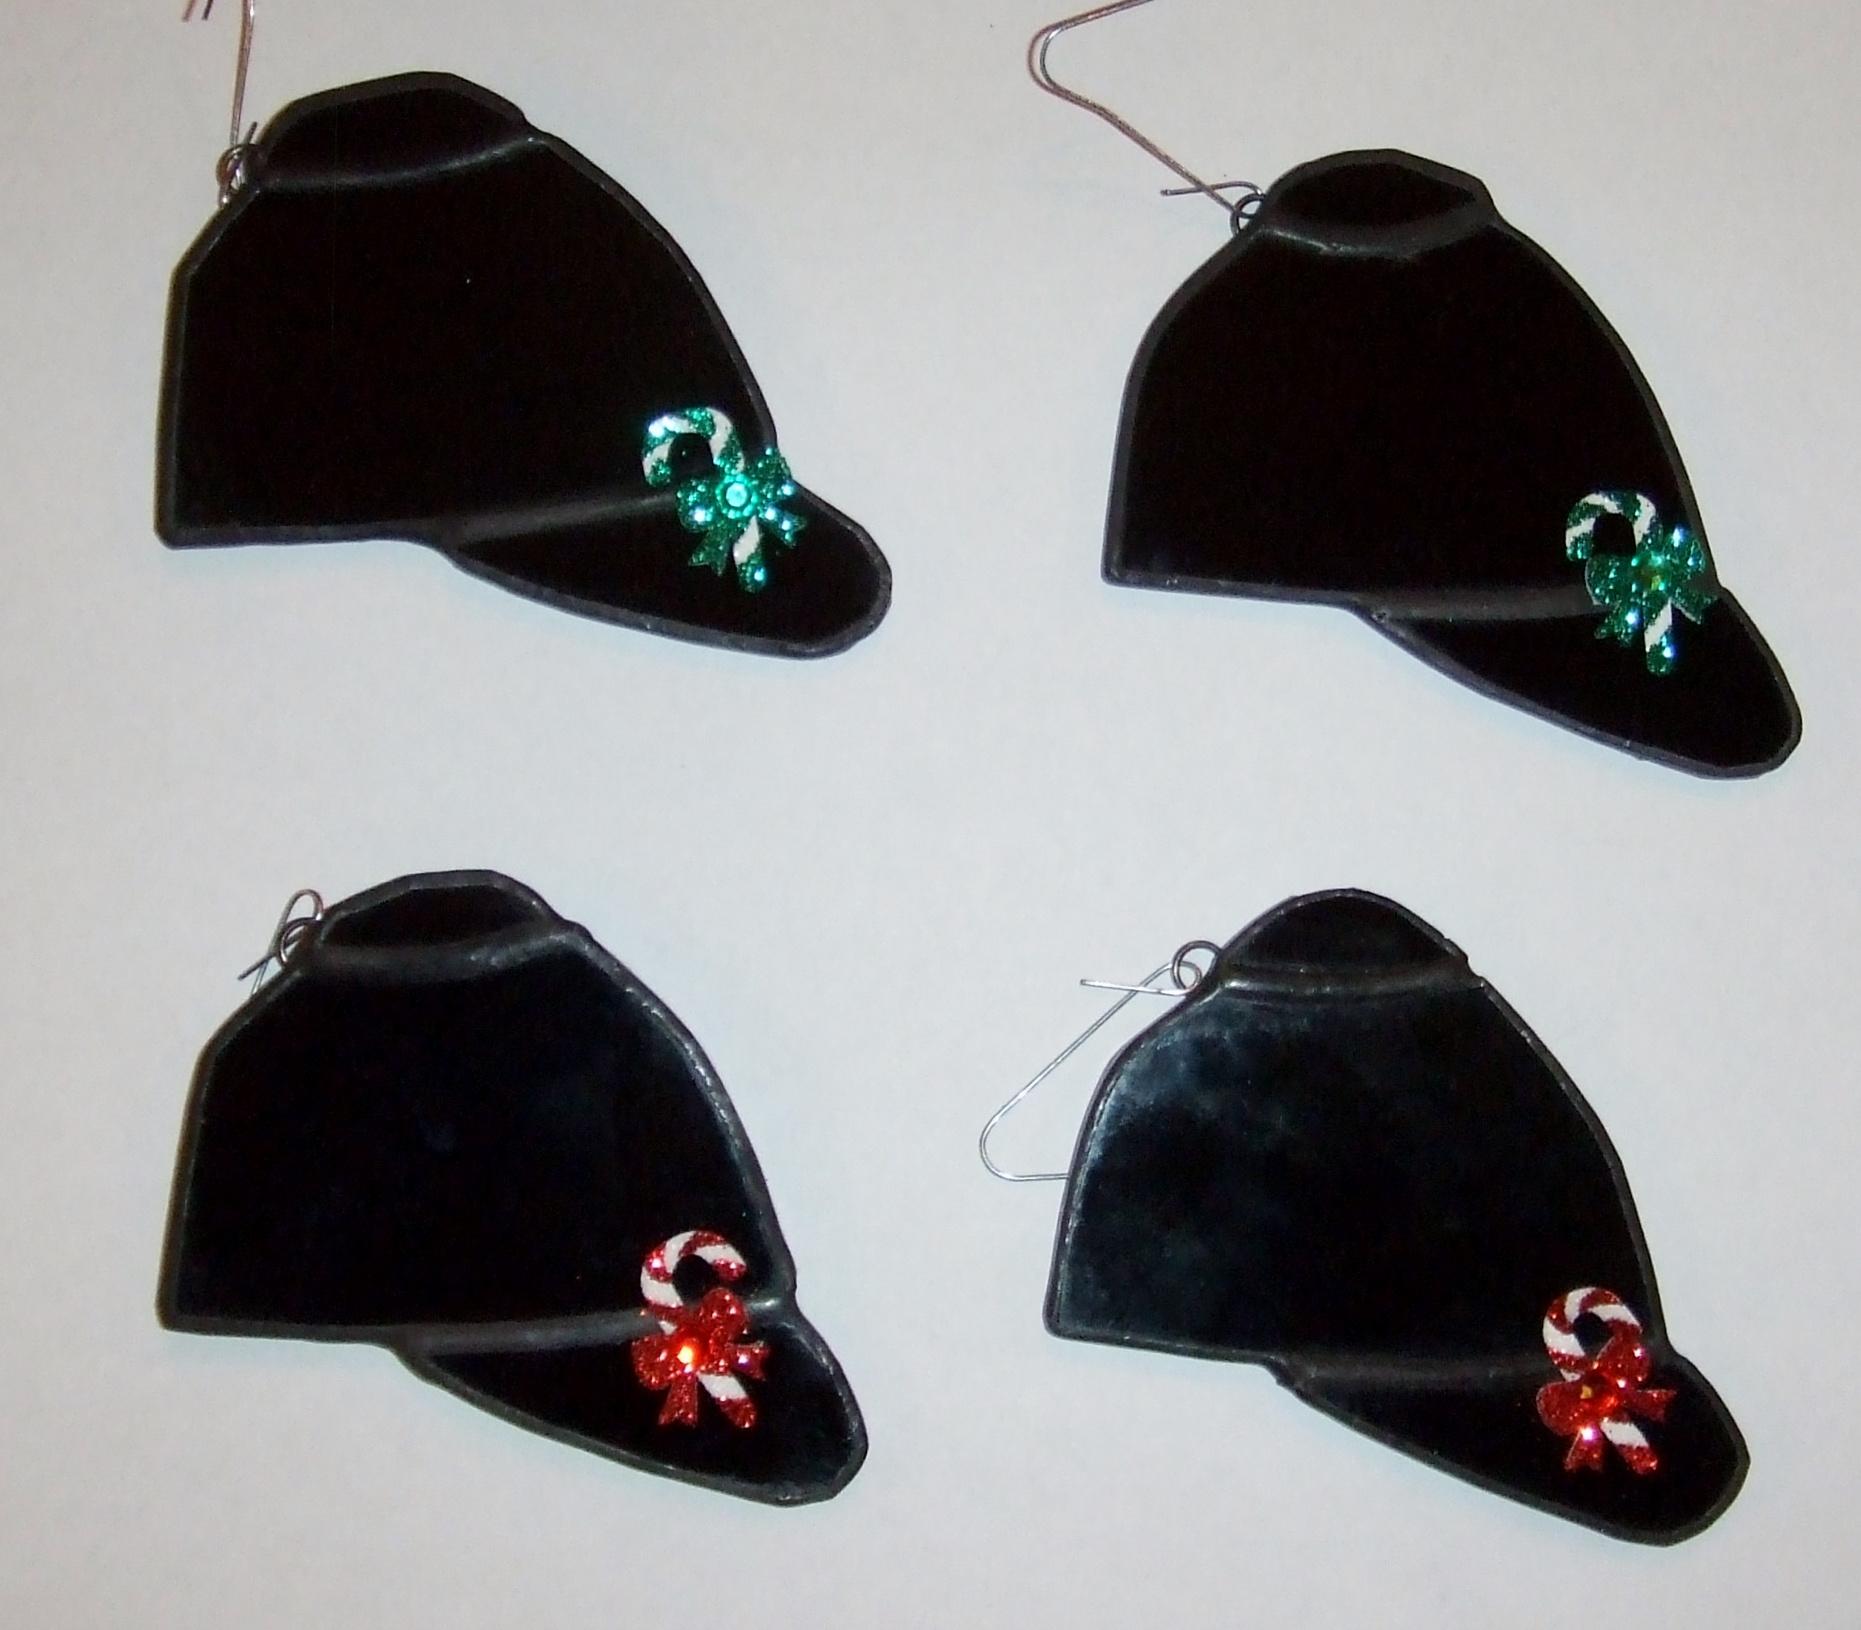 https://0201.nccdn.net/1_2/000/000/167/340/helmets-1861x1630.jpg